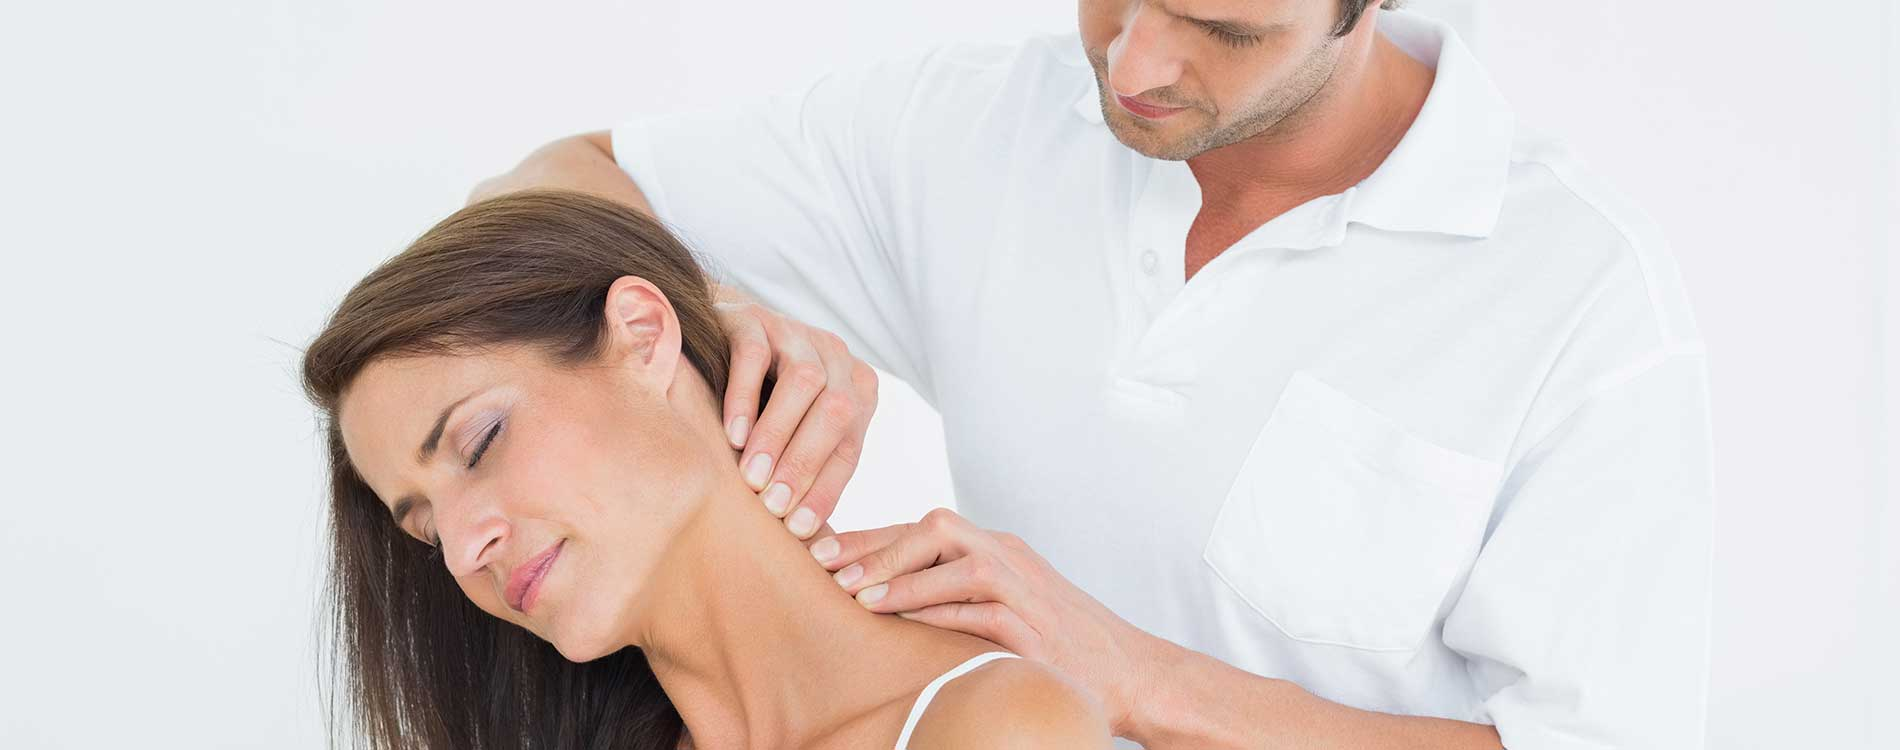 Как правильно делать массаж шеи фото